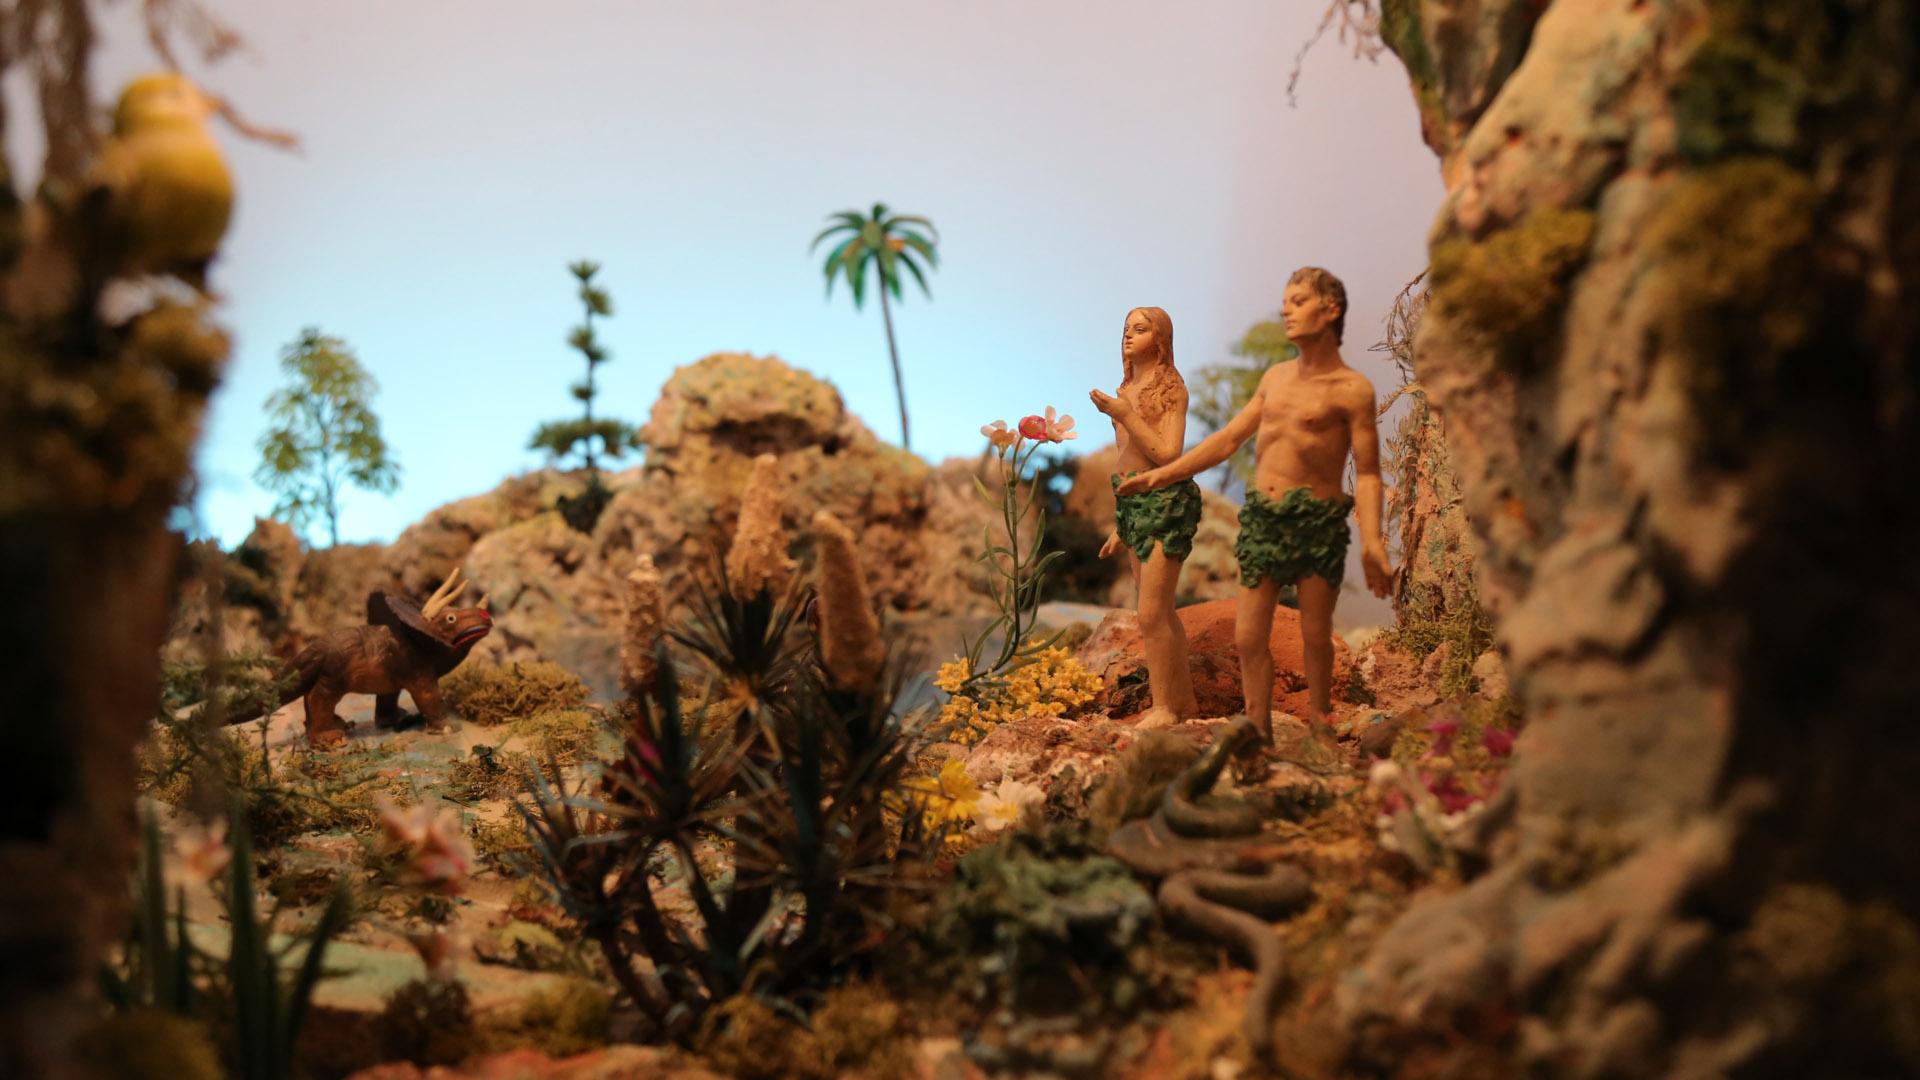 Presepe Poliscenico di Collevalenza: 01. Adamo ed Eva nel paradiso terrestre